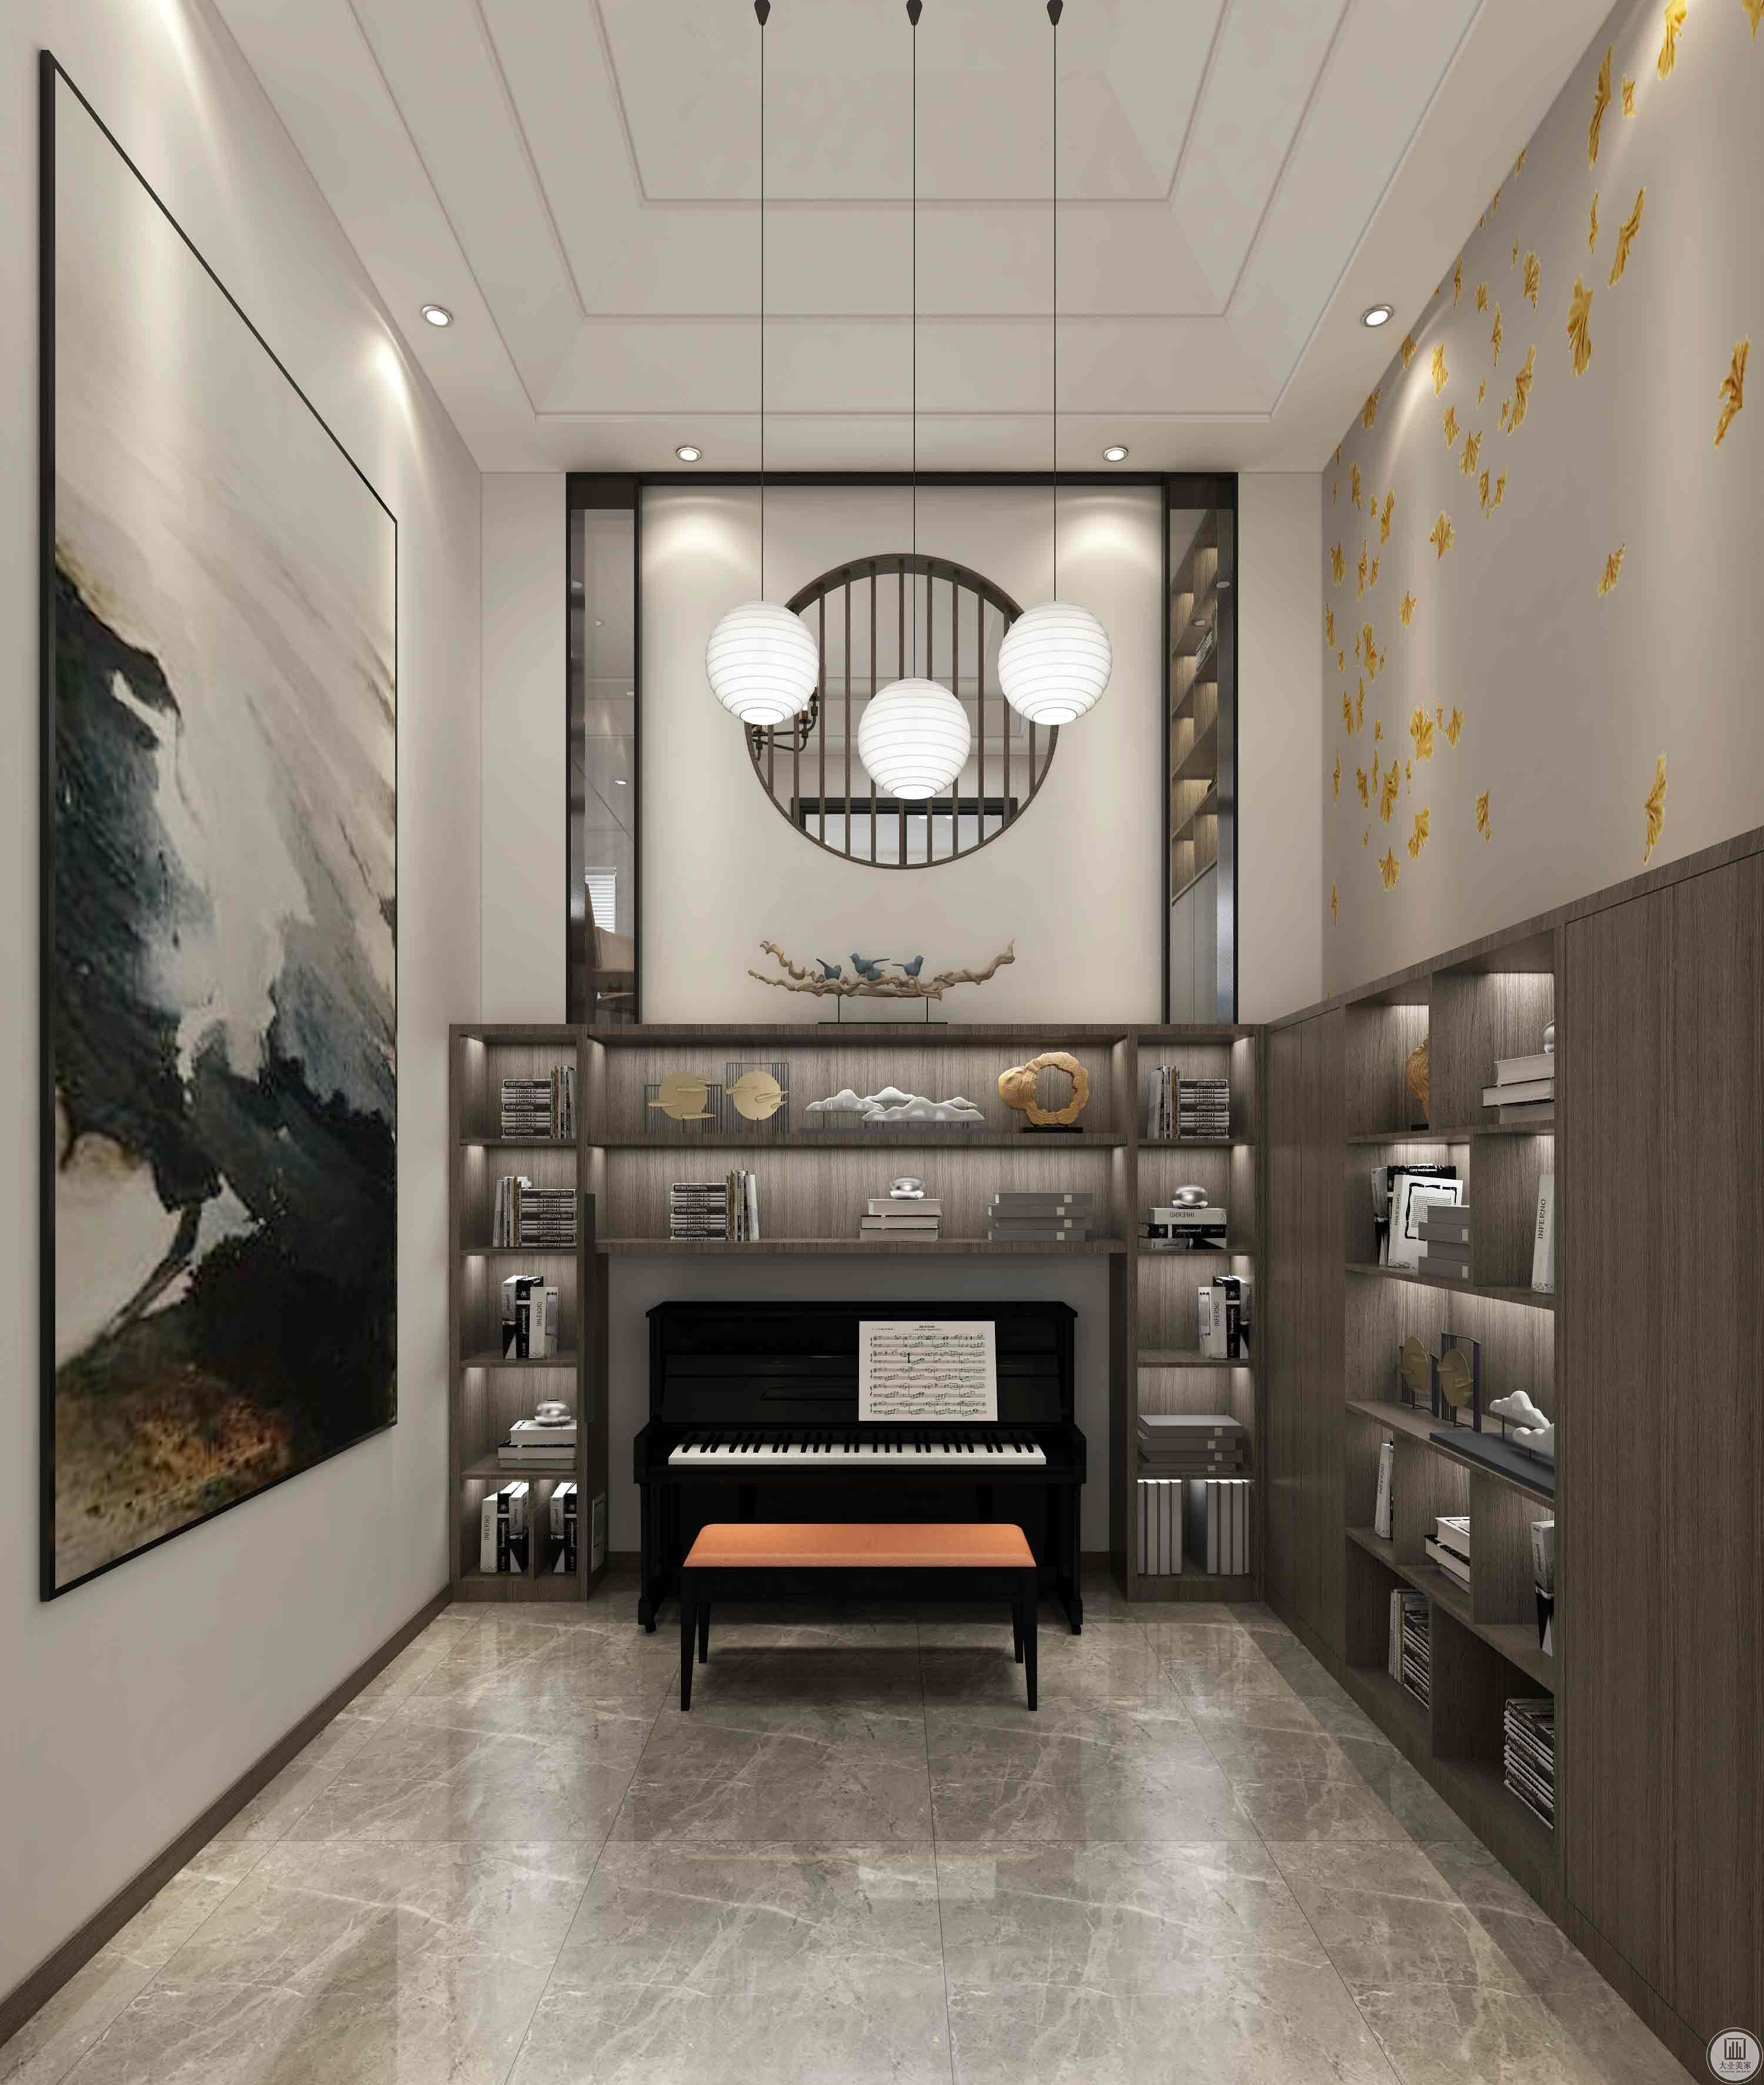 挑空的钢琴区特点:楼梯旁边的窗户放了一幅大画隔开上楼的声音、开到楼梯的弊端,钢琴上方做了一个中式的隔断,以矩形、圆形,使空间自然简洁,和谐宽敞的感觉,温馨的家。